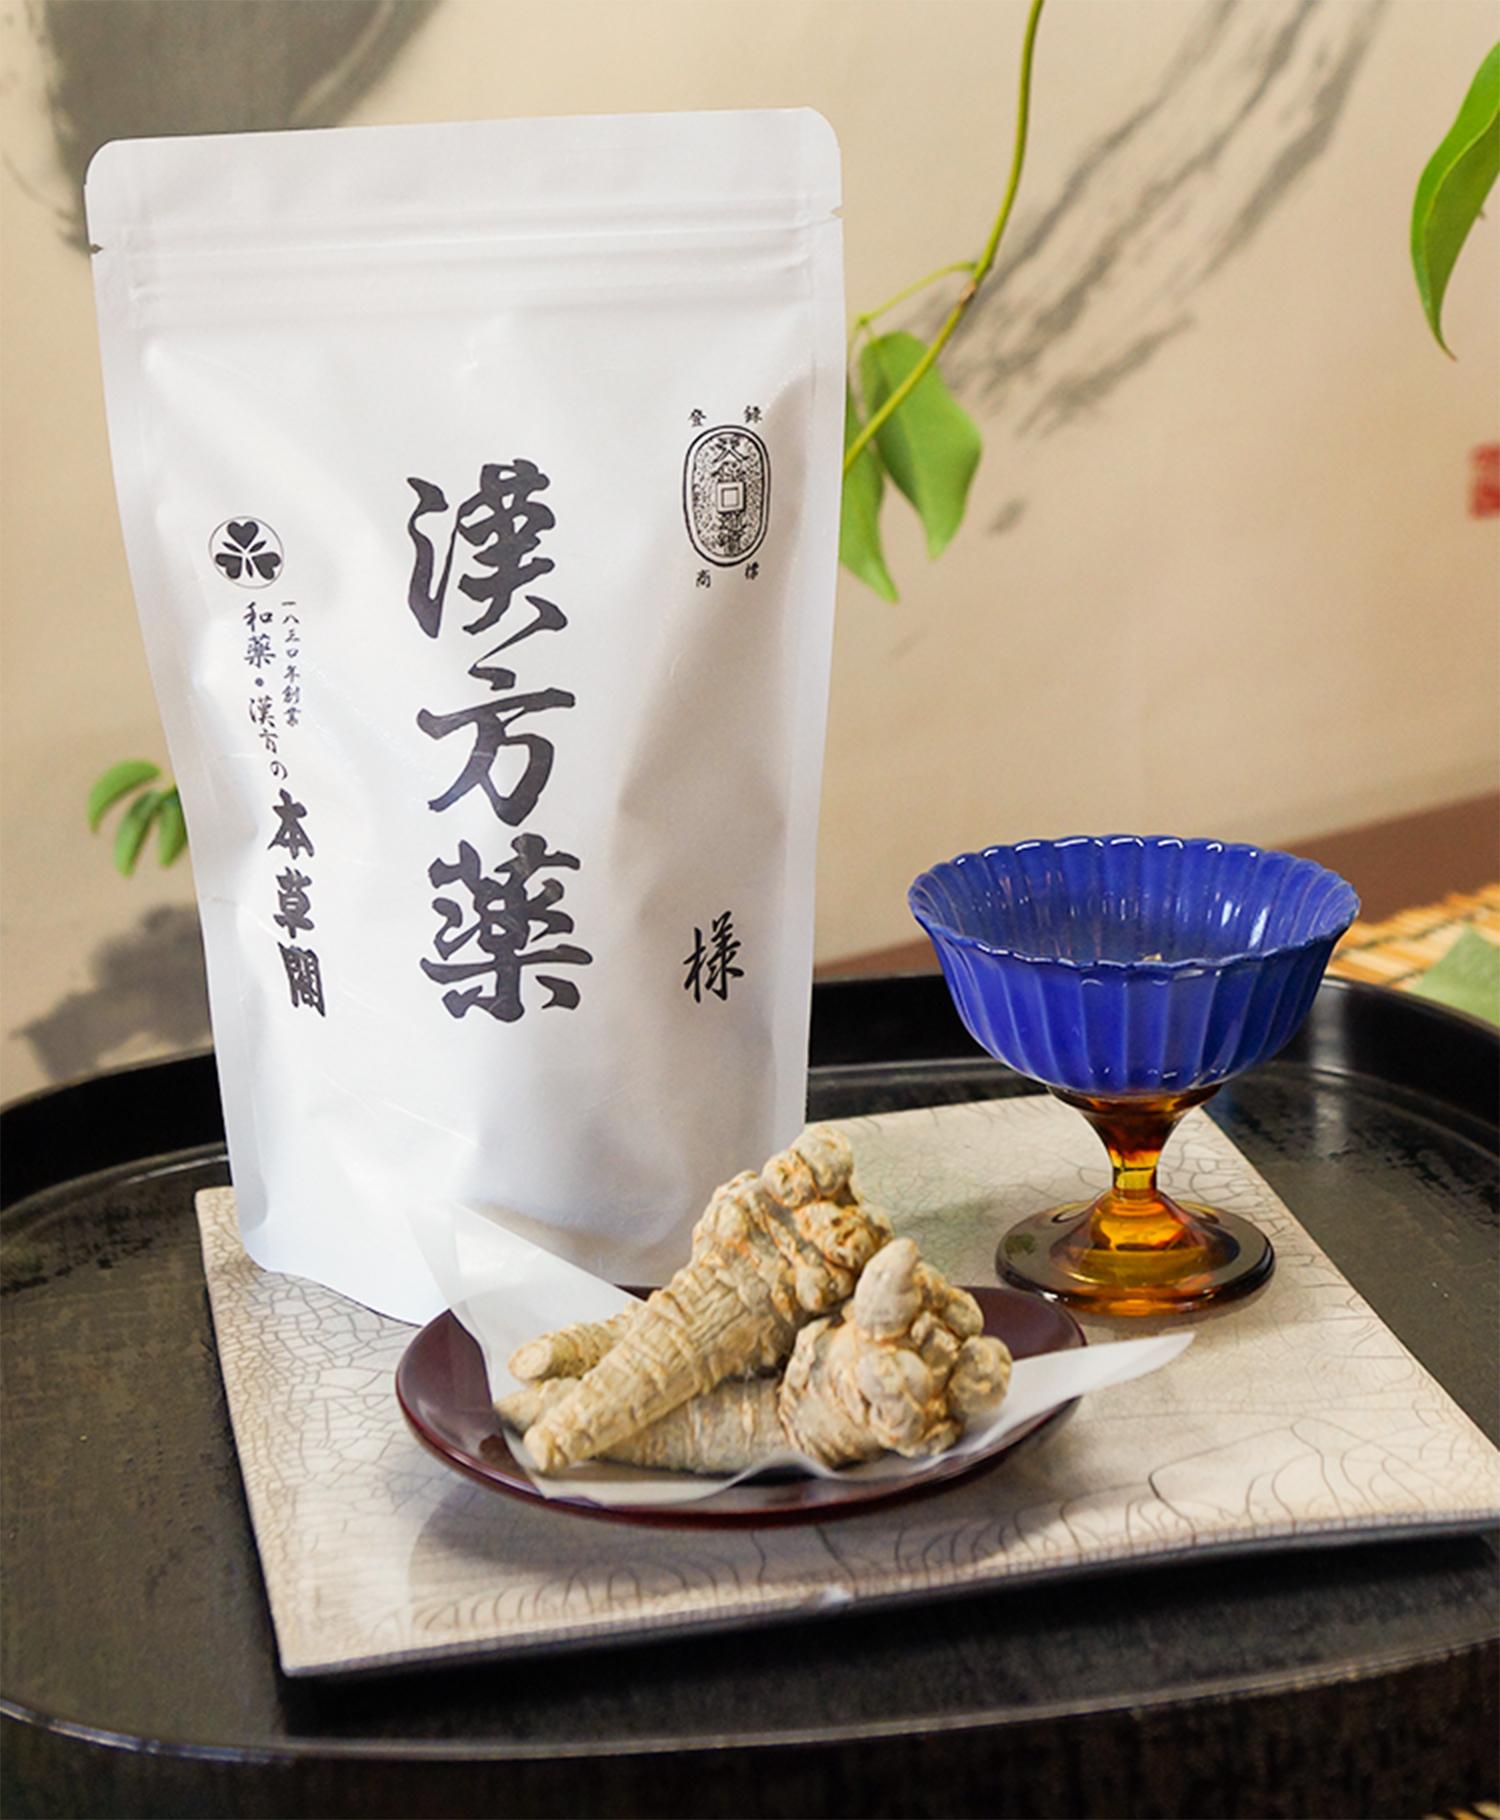 【本草閣オリジナル商品】本草閣 田七人参錠 150錠